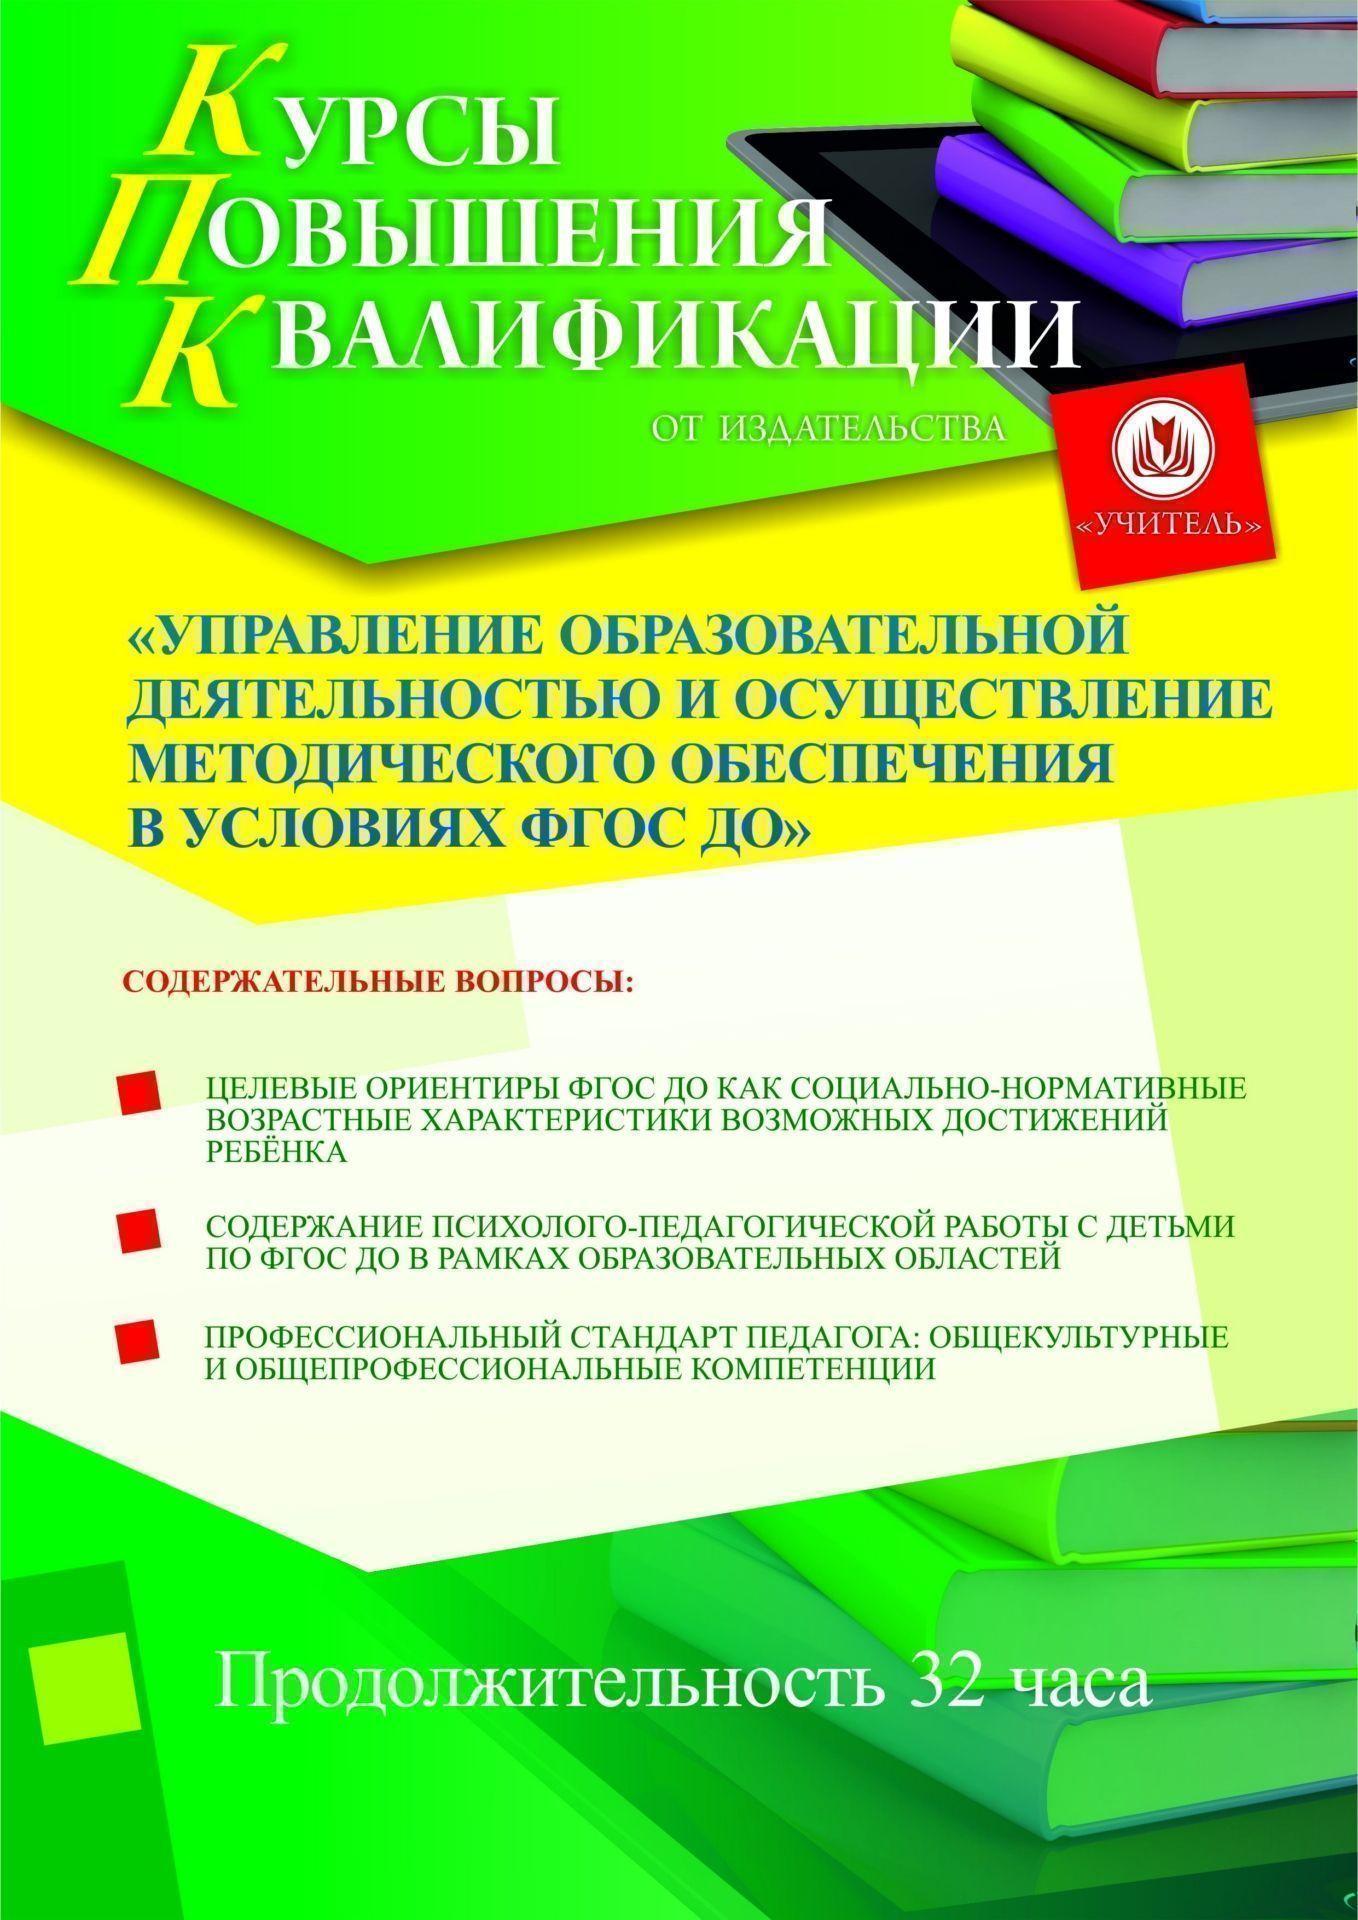 Управление образовательной деятельностью и осуществление методического обеспечения в условиях ФГОС ДО (32 ч.) фото